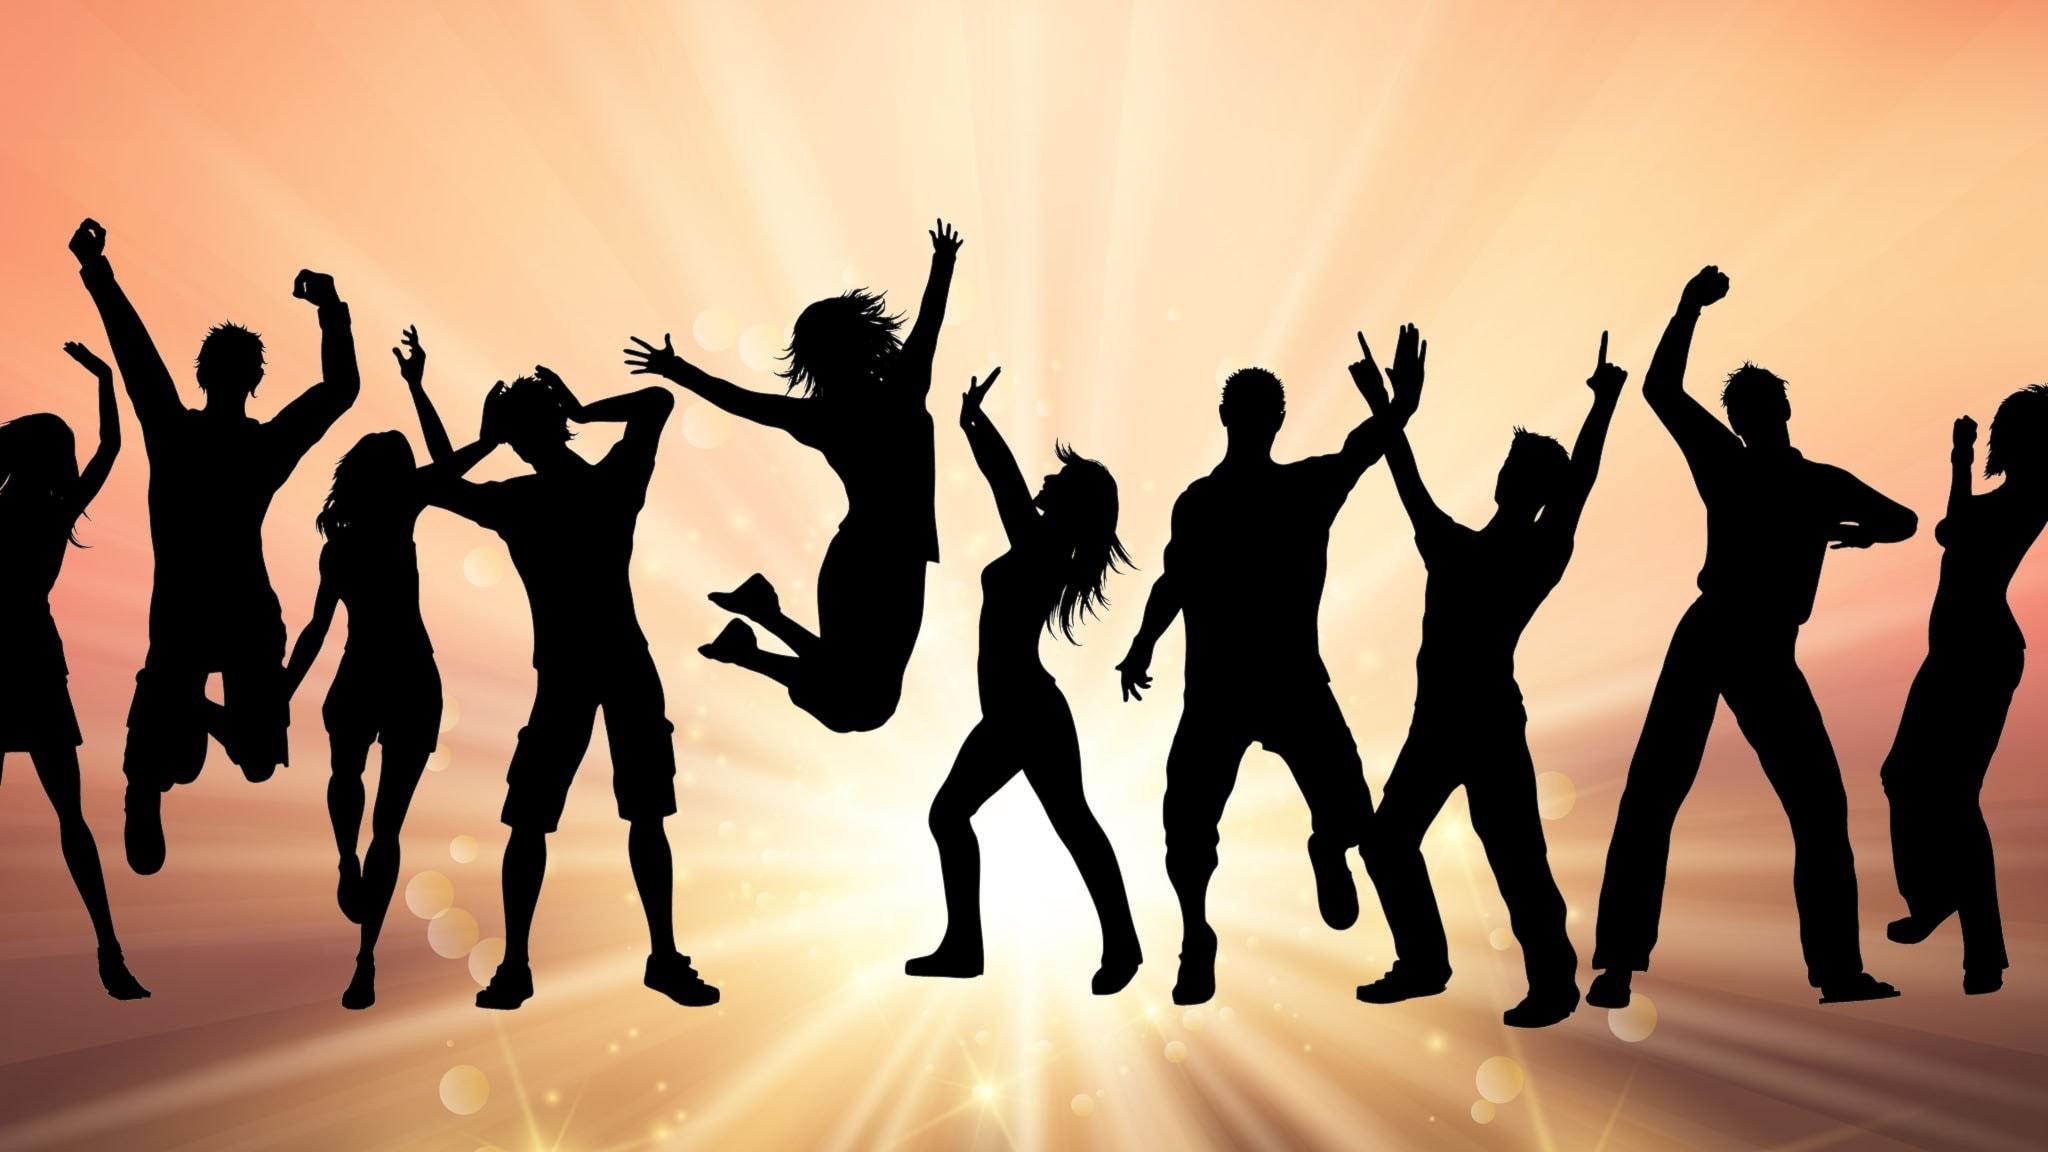 Illustration med siluetter av dansande människor.